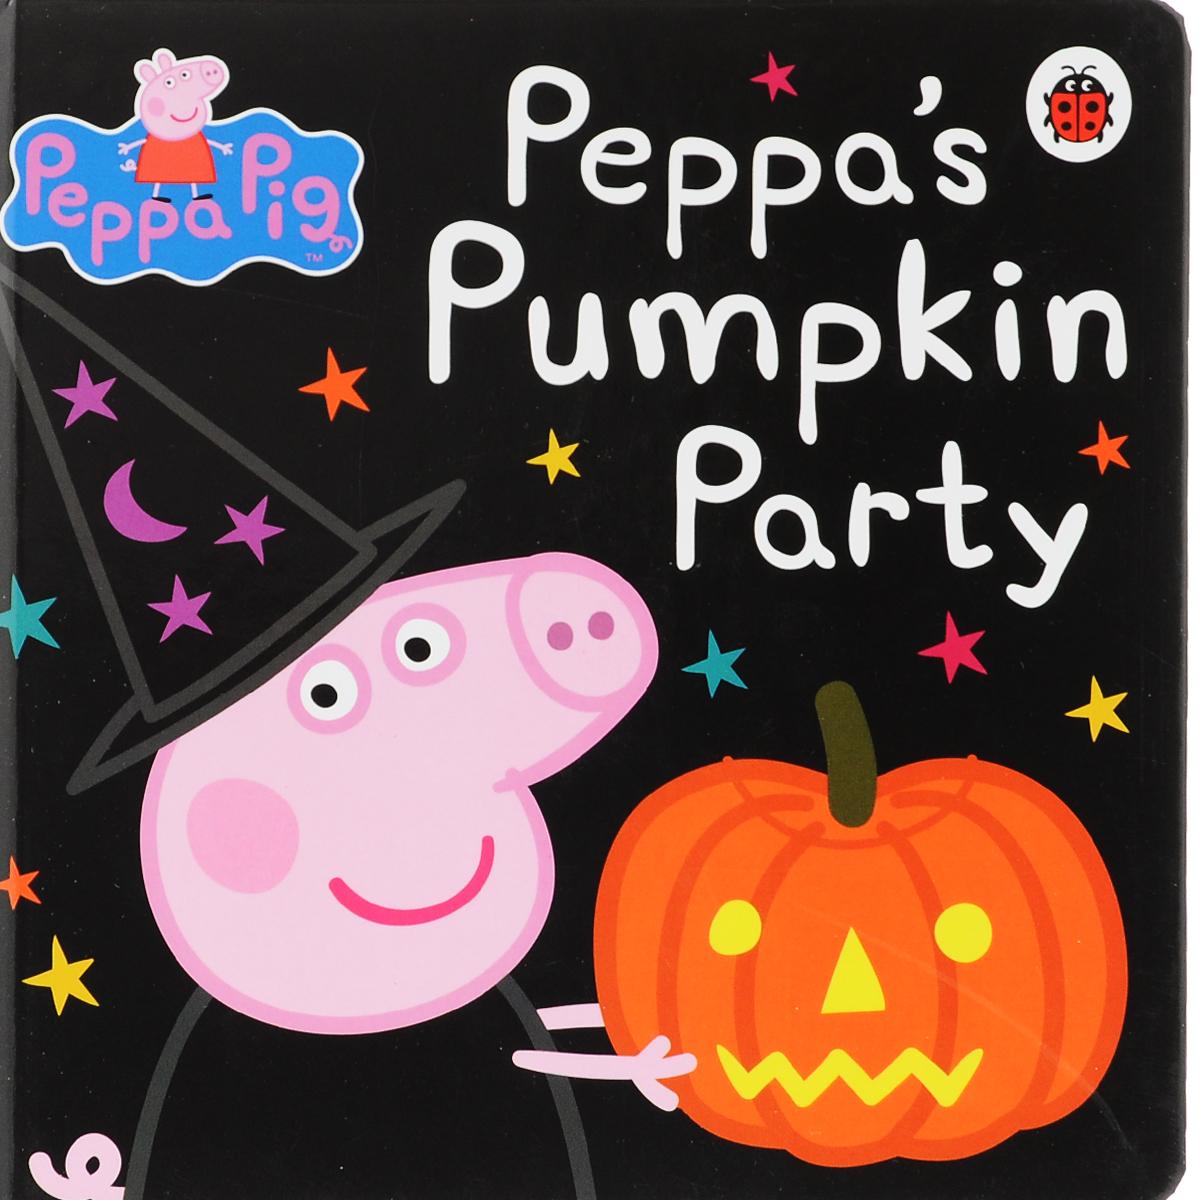 Peppa Pig: Peppa's Pumpkin Party peppa pig peppa hide and seek search